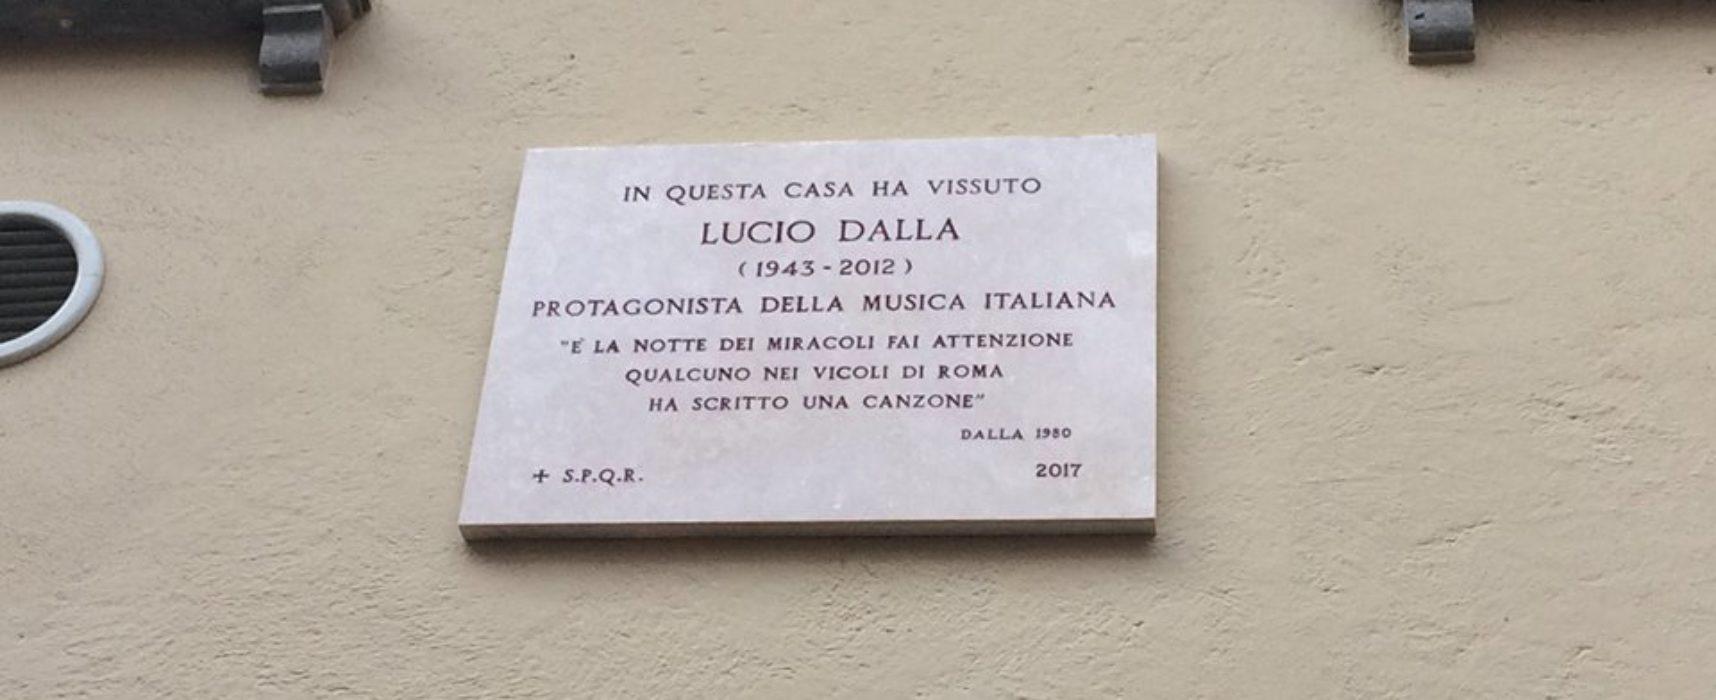 SCOPERTA LA TARGA IN ONORE DI LUCIO DALLA IN VICOLO DEL BUCO, NEL CUORE DI TRASTEVERE